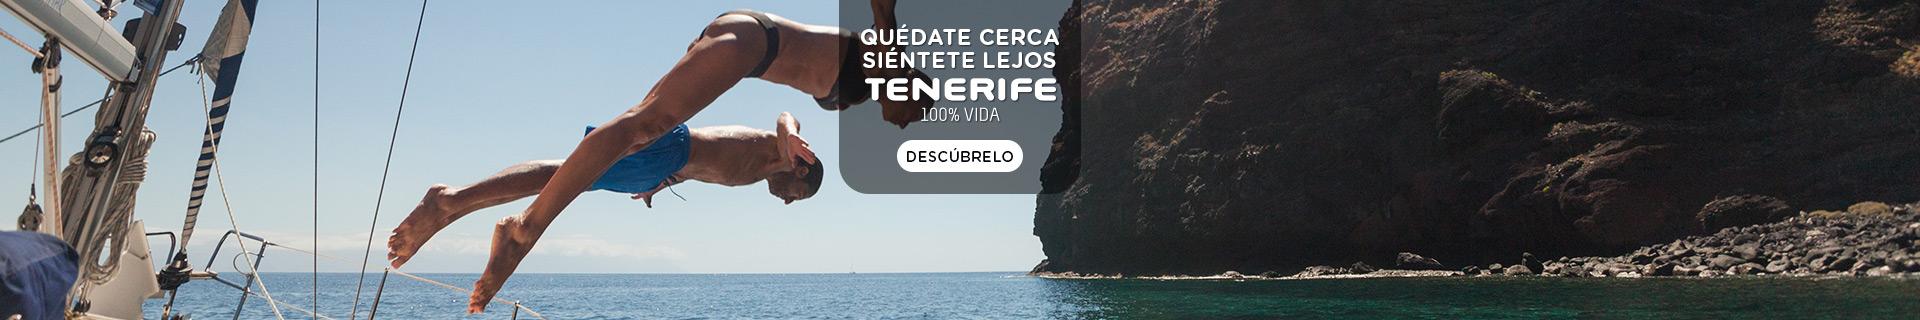 Quédate cerca, siéntete lejos, Tenerife